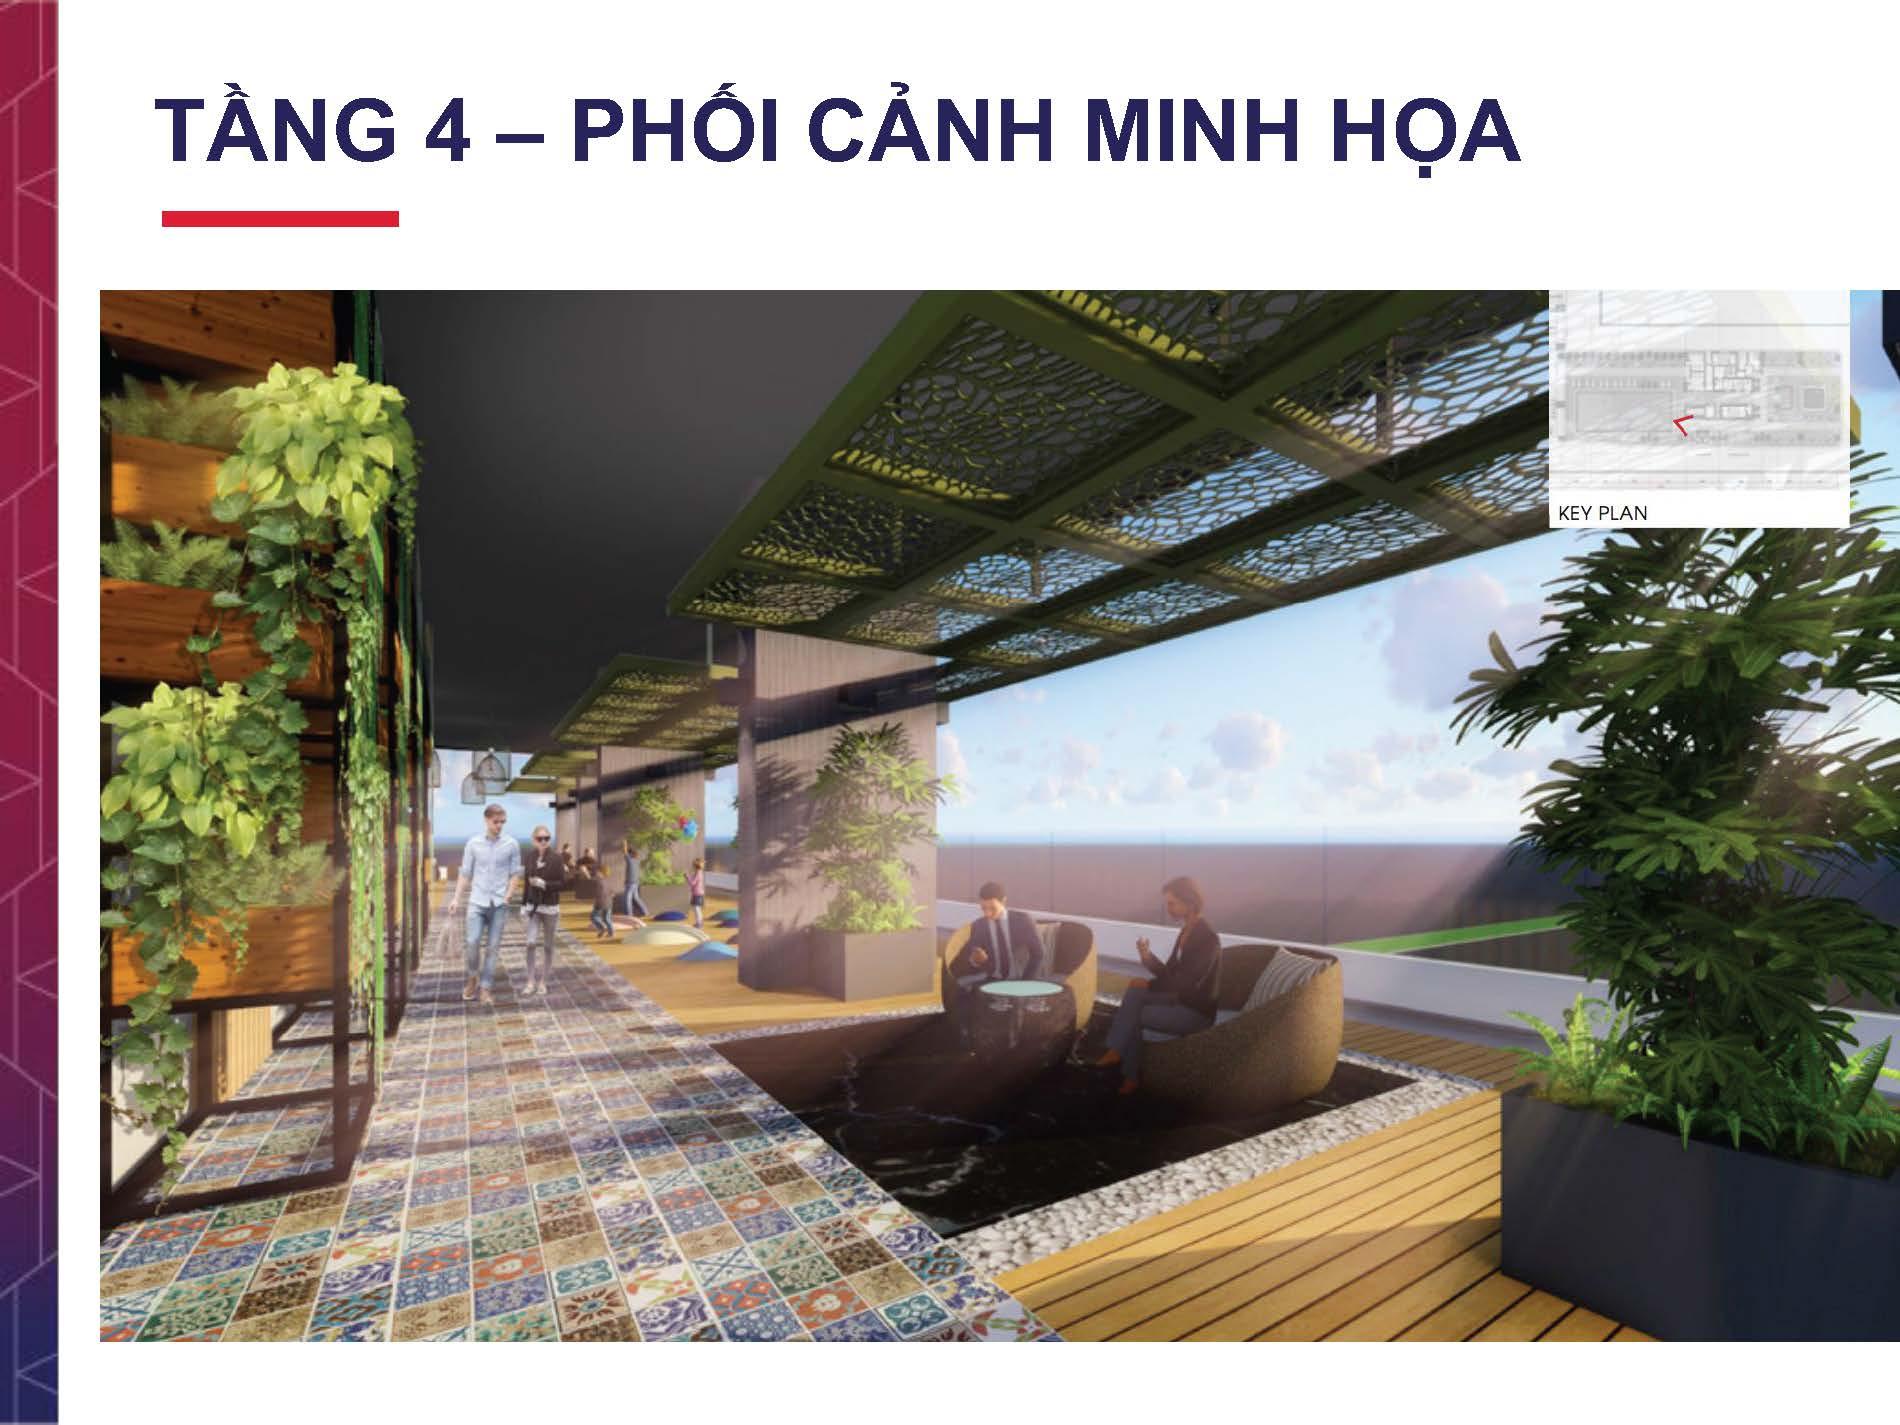 Codotel Kim Long Season Mỹ Khê Phạm Văn Đồng - Mặt bằng tổng thể